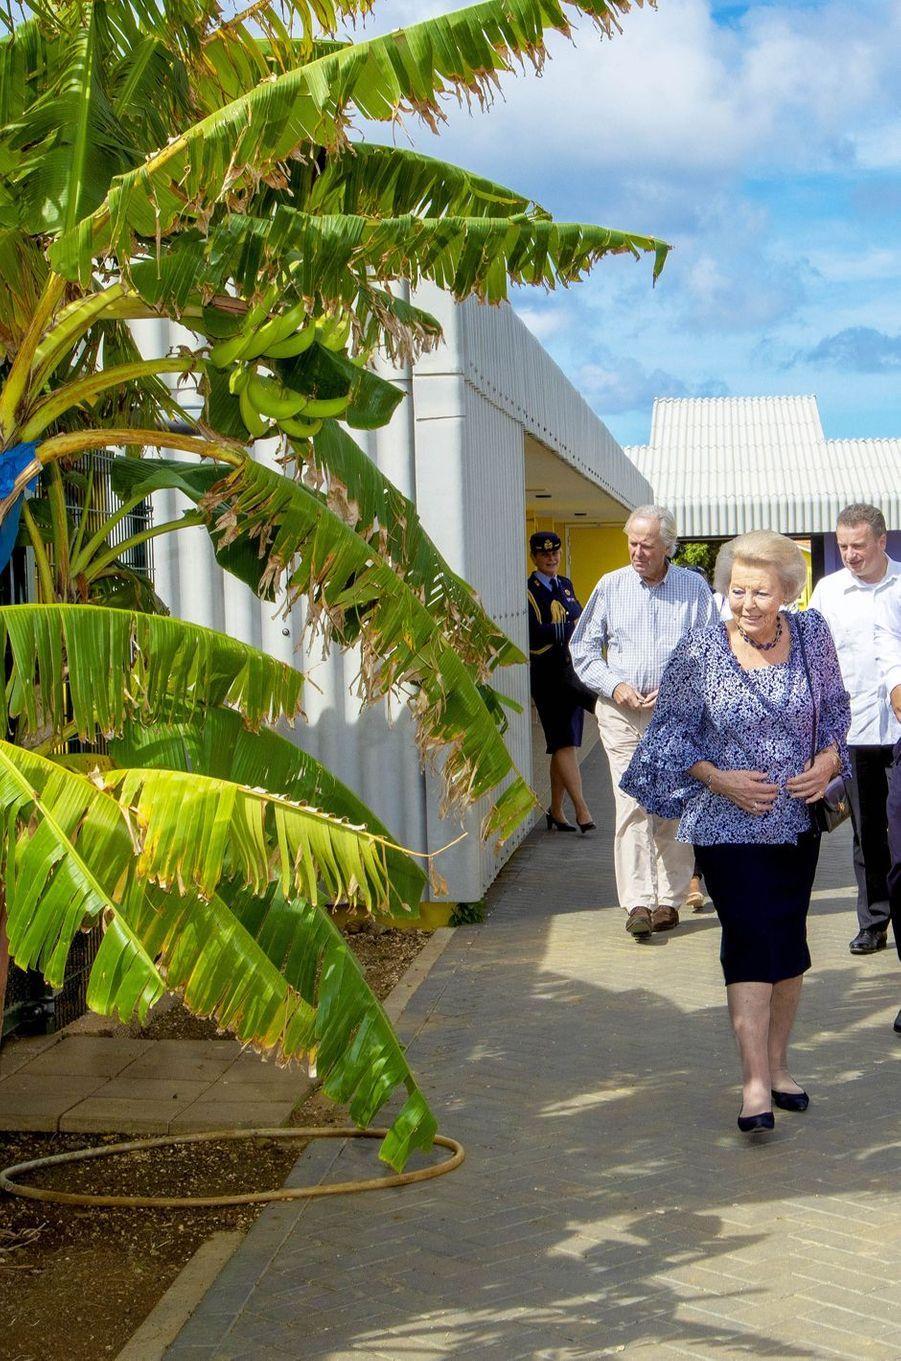 La princesse Beatrix des Pays-Bas sur l'île de Bonaire dans les Caraïbes, le 29 novembre 2018